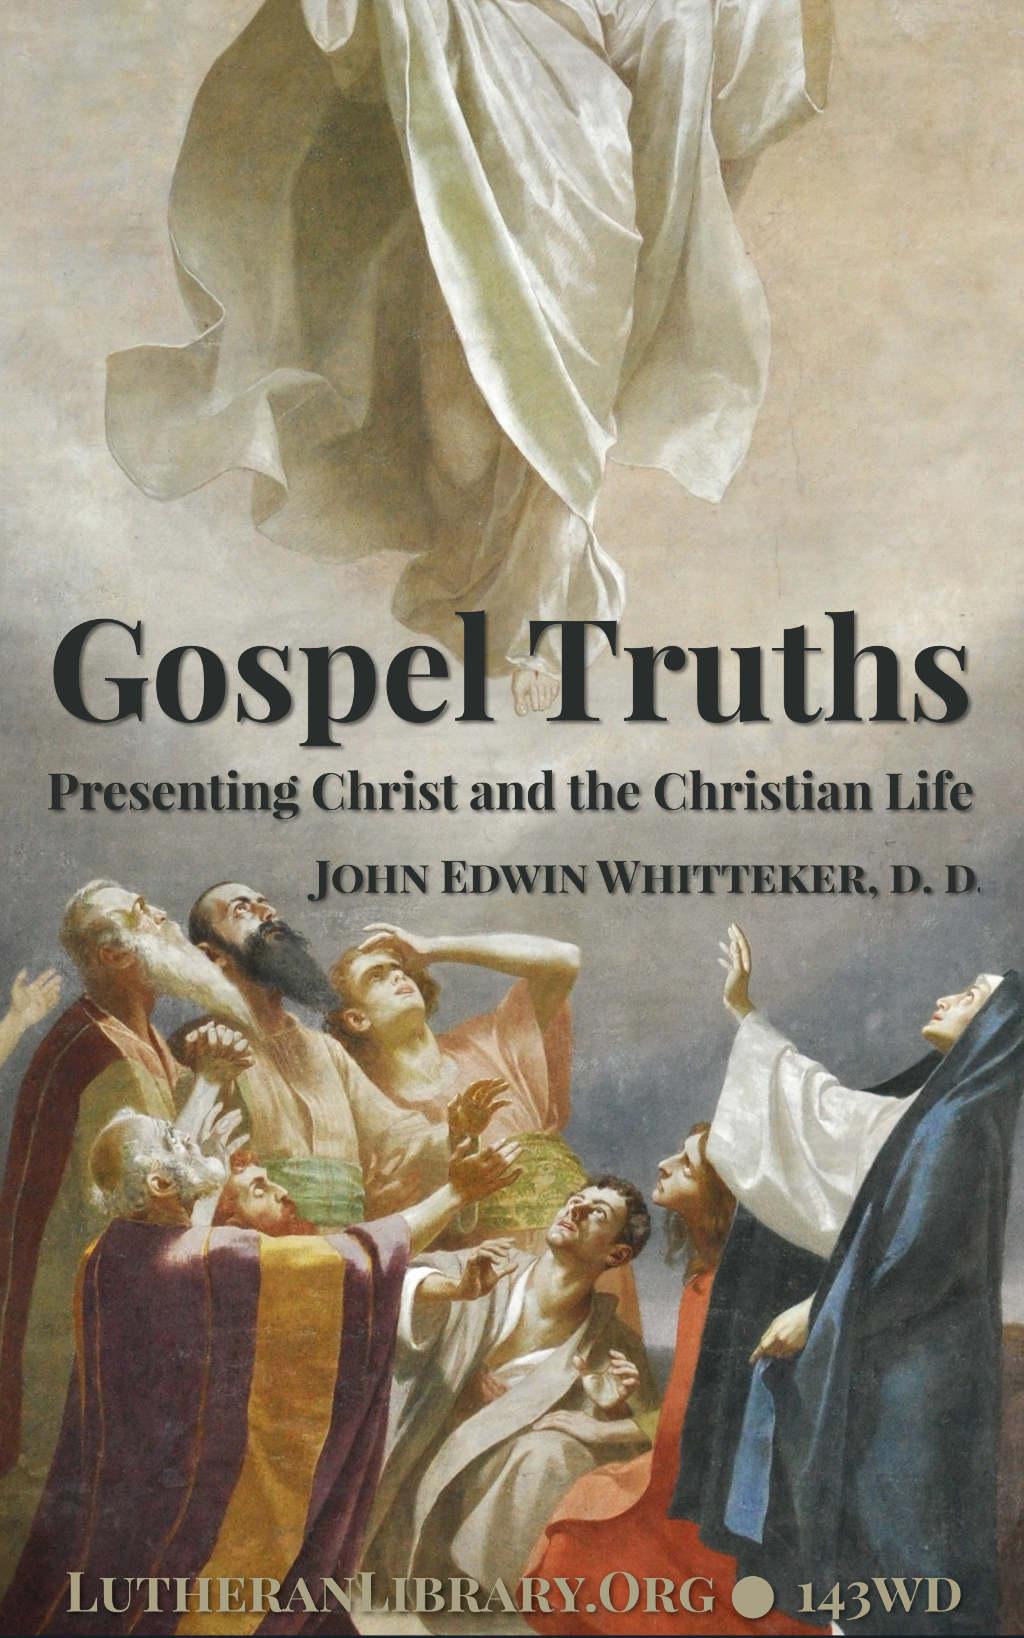 Gospel Truths: Presenting Christ and the Christian Life by John Edwin Whitteker